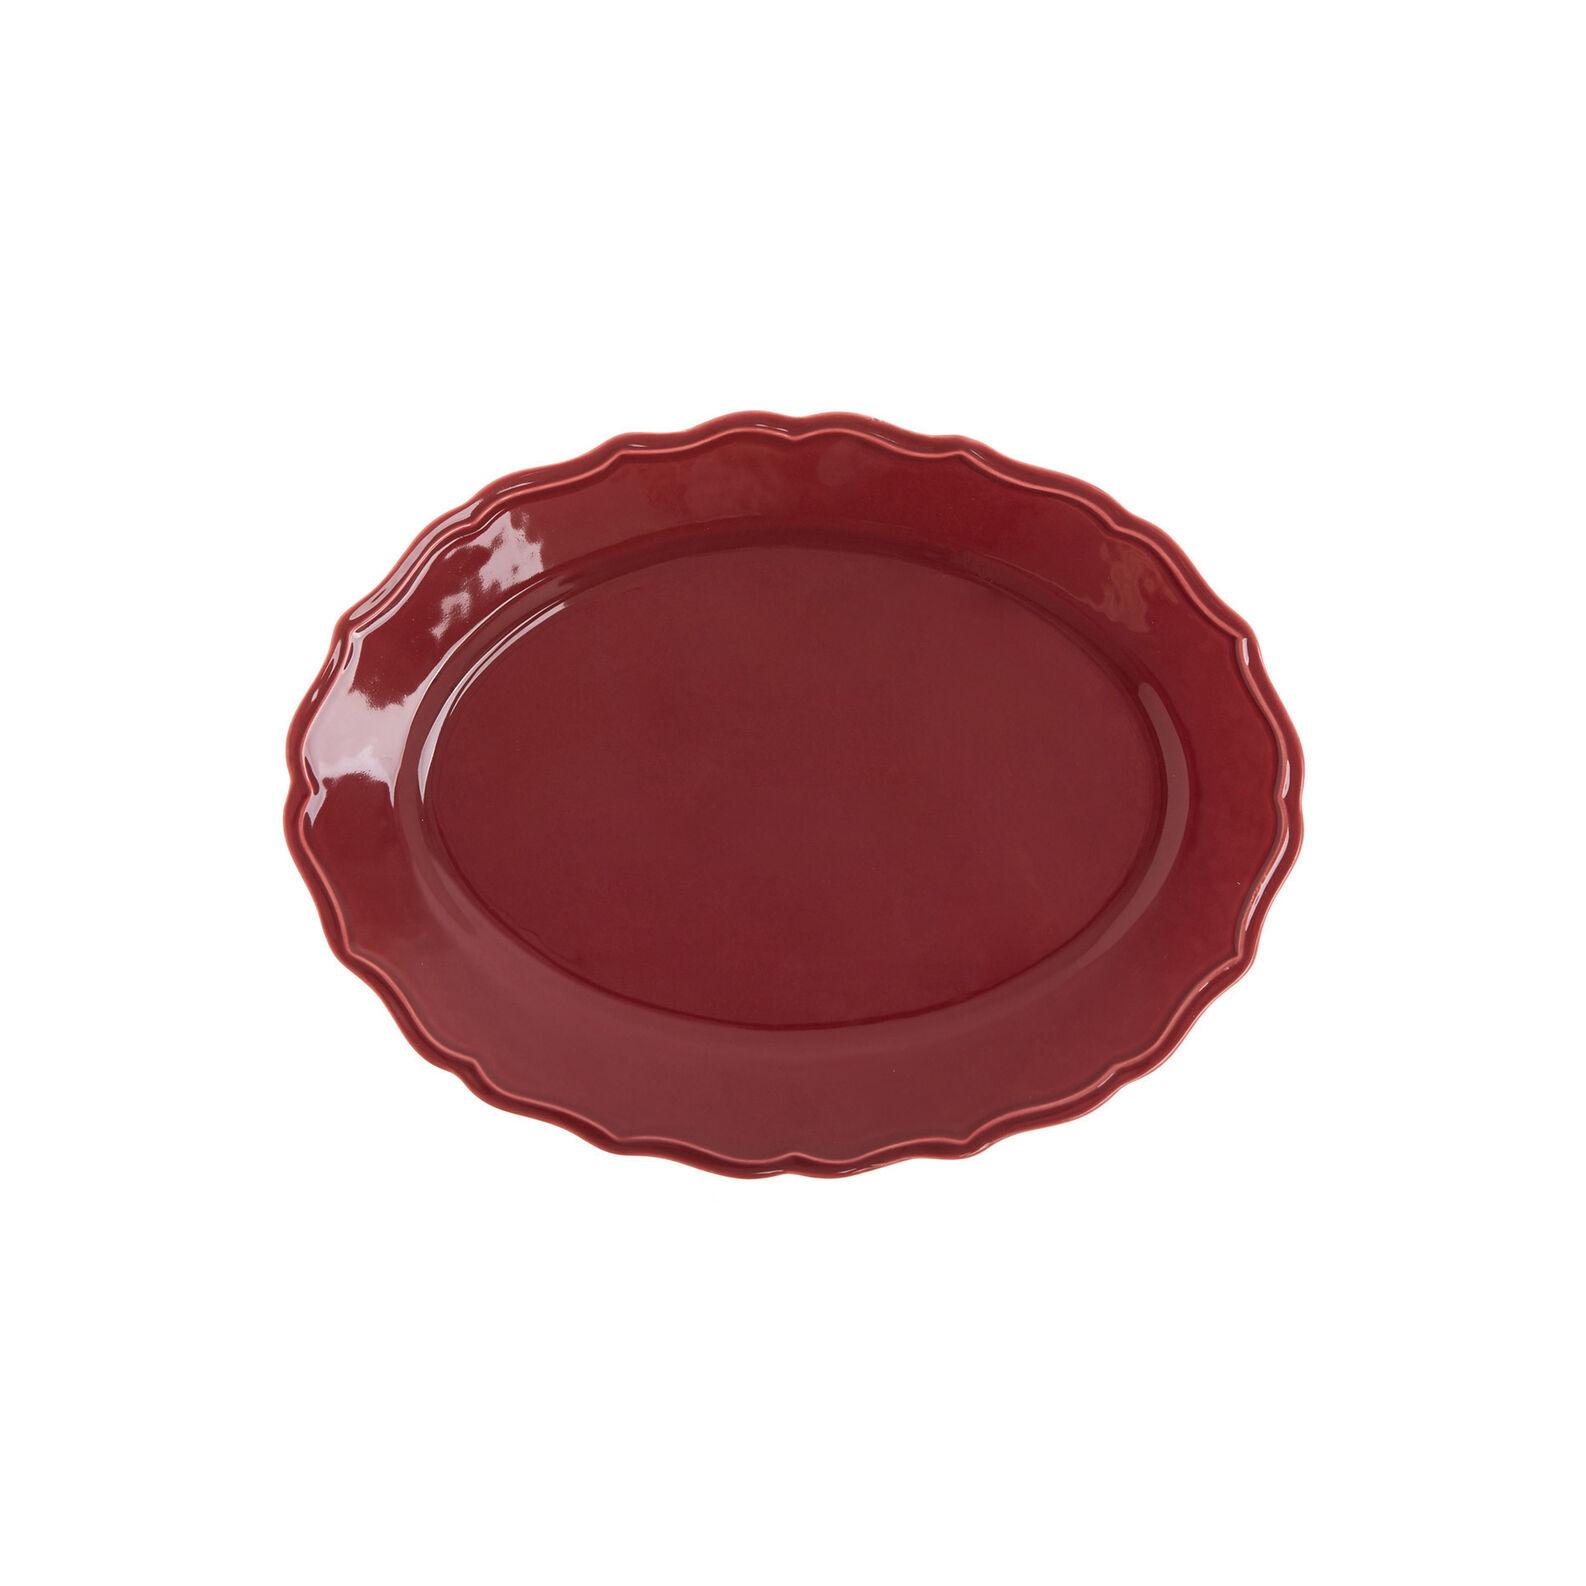 Dona Maria oval plate in glazed ceramic